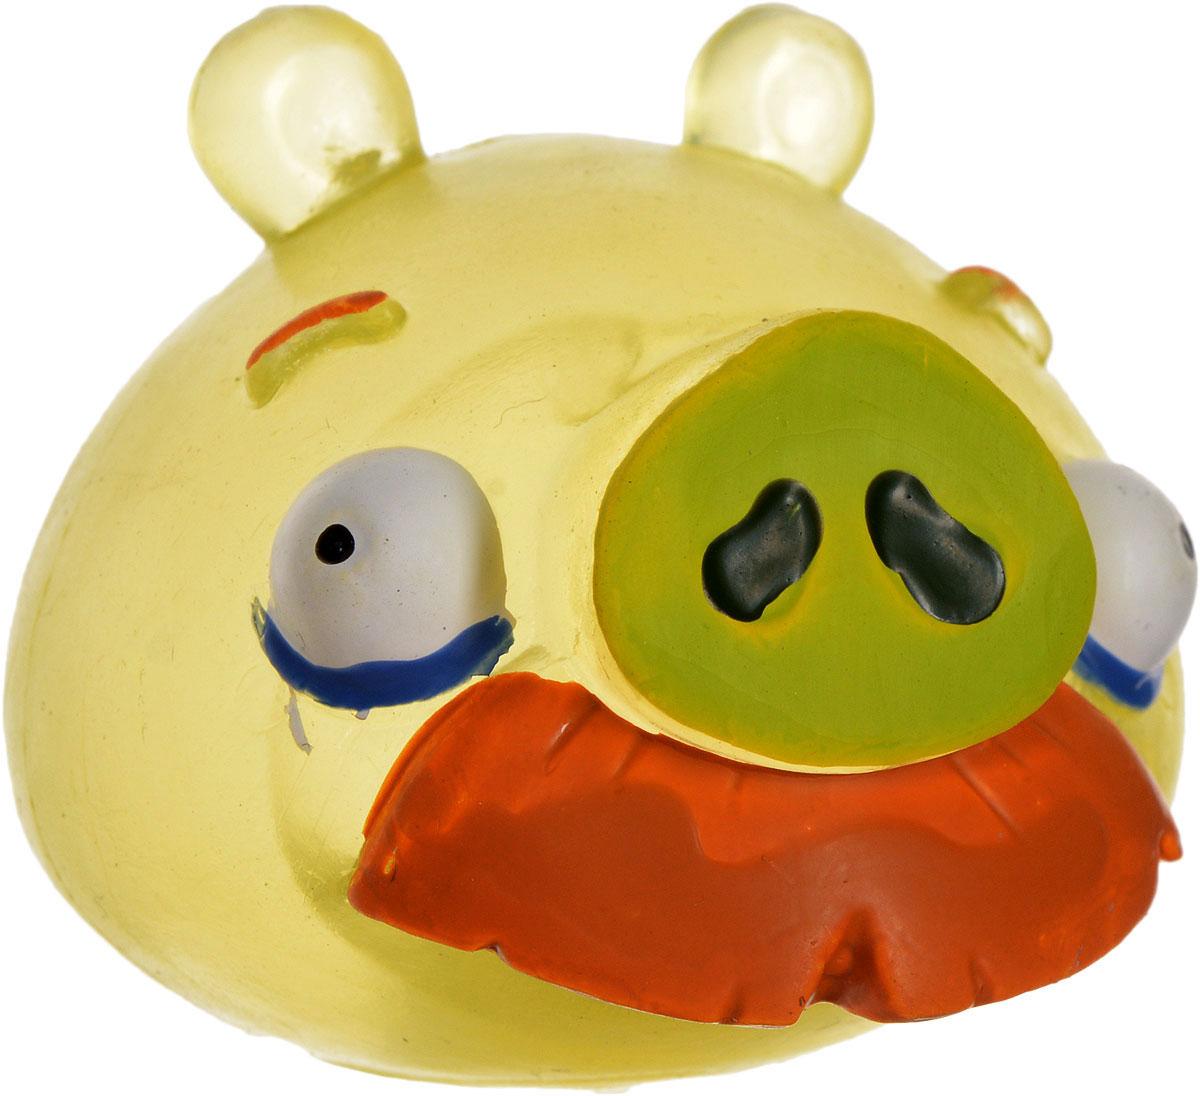 Angry Birds Игрушка-мялка с парашютом Свин с усами50331-0000012-04_свин с усамиДетская игрушка Angry Birds Свин с усами - это игрушка-мялка, выполненная в виде персонажа всеми любимой игры Angry Birds. Игрушка выполнена из мягкой резины, внутри которой находиться жидкий наполнитель, благодаря чему она легко изменяет форму и структуру при приложении к ней физической силы, а затем принимает первоначальный вид. В комплект входит также каска с парашютом, которую можно надеть на игрушку и запустить ее в воздух. Игрушка-мялка с парашютом Свин с усами наверняка понравится вашему малышу. Порадуйте его таким замечательным подарком!